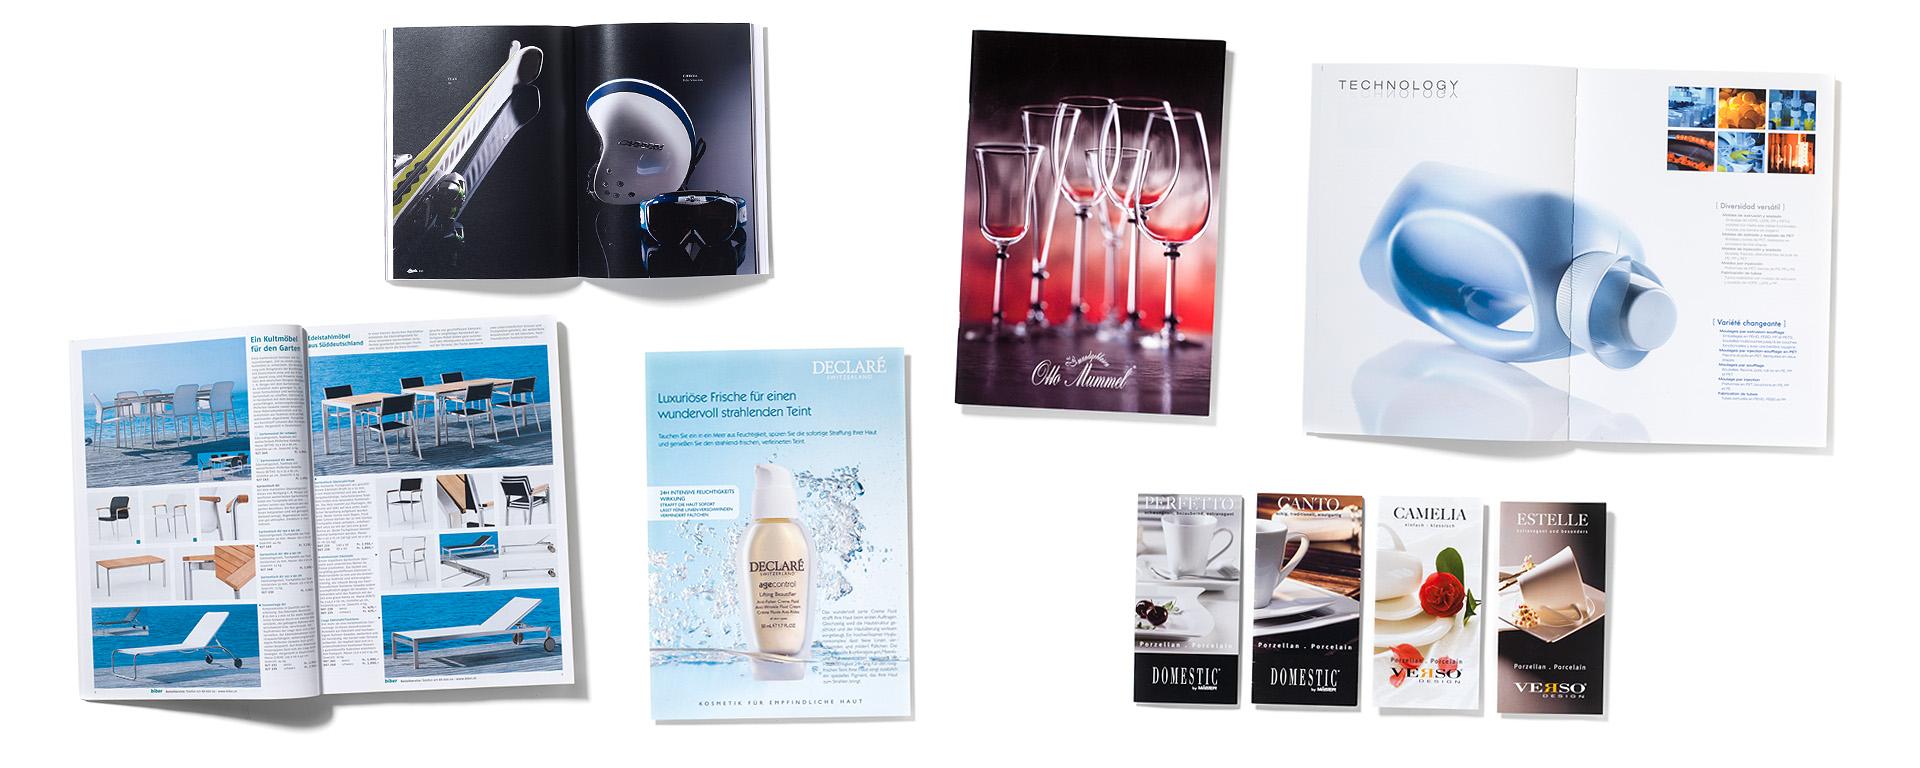 Fotowerk Referenzen: Kataloge, Prospekte